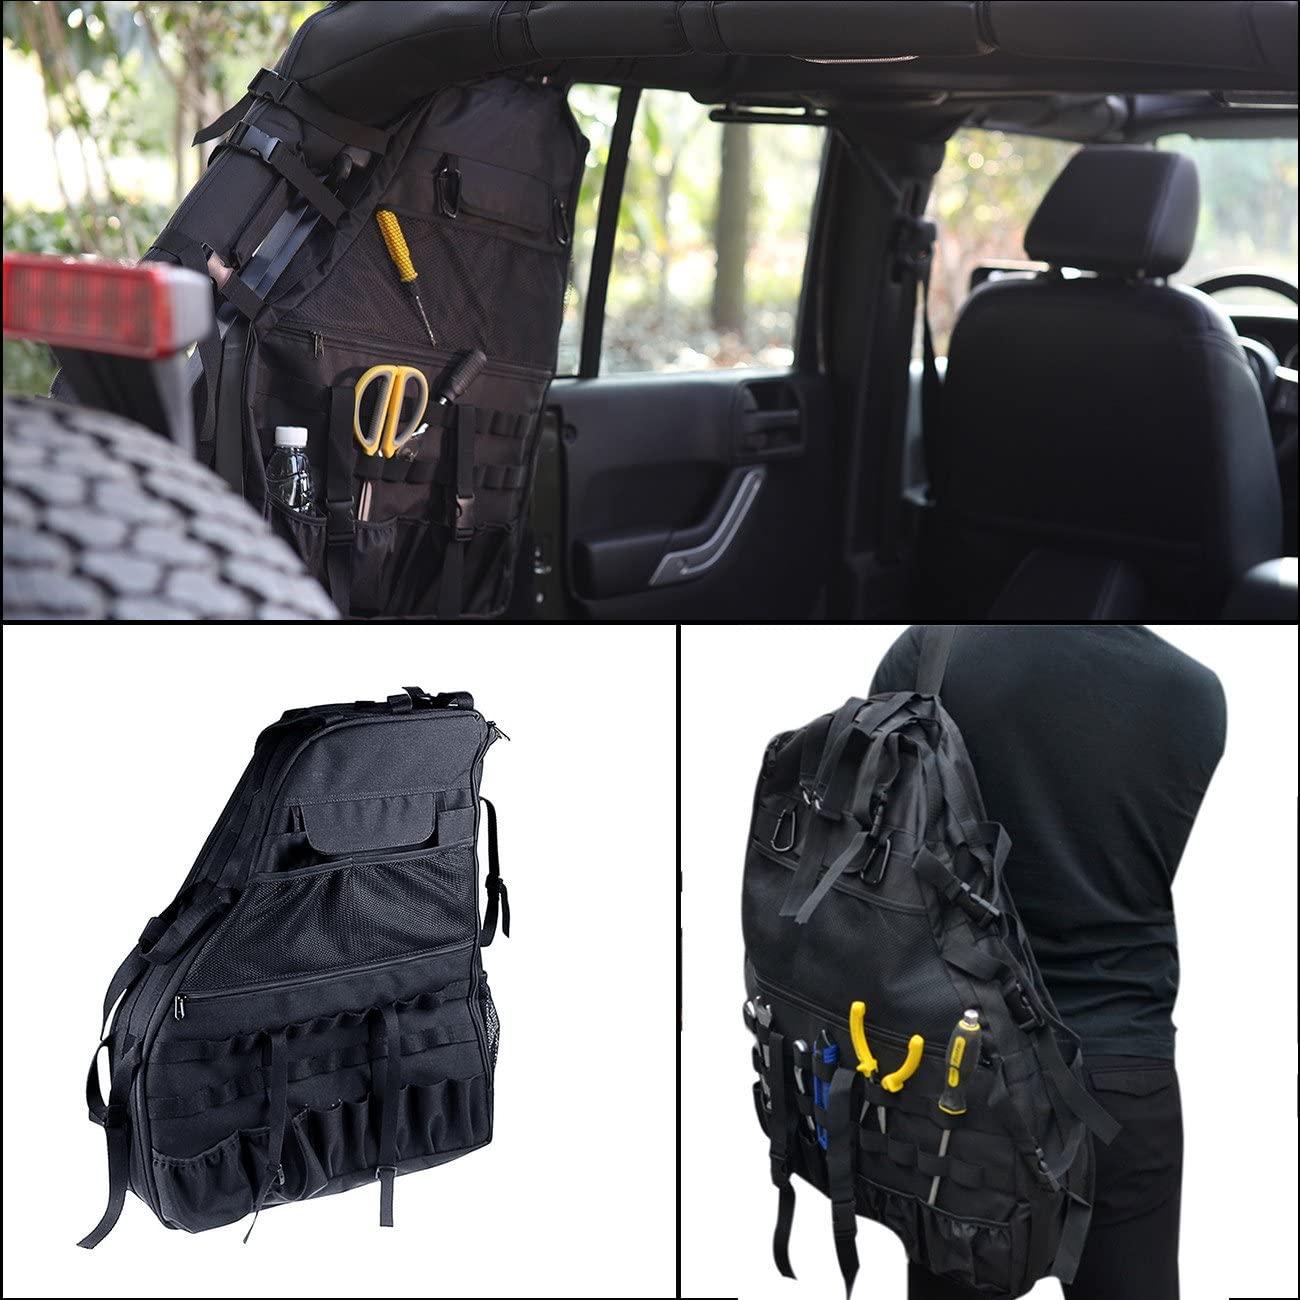 Door/Window Storage Bags cargo bag saddlebag Tool Kits For 4-door Jeep Wrangler JK 2007-2016 (left)